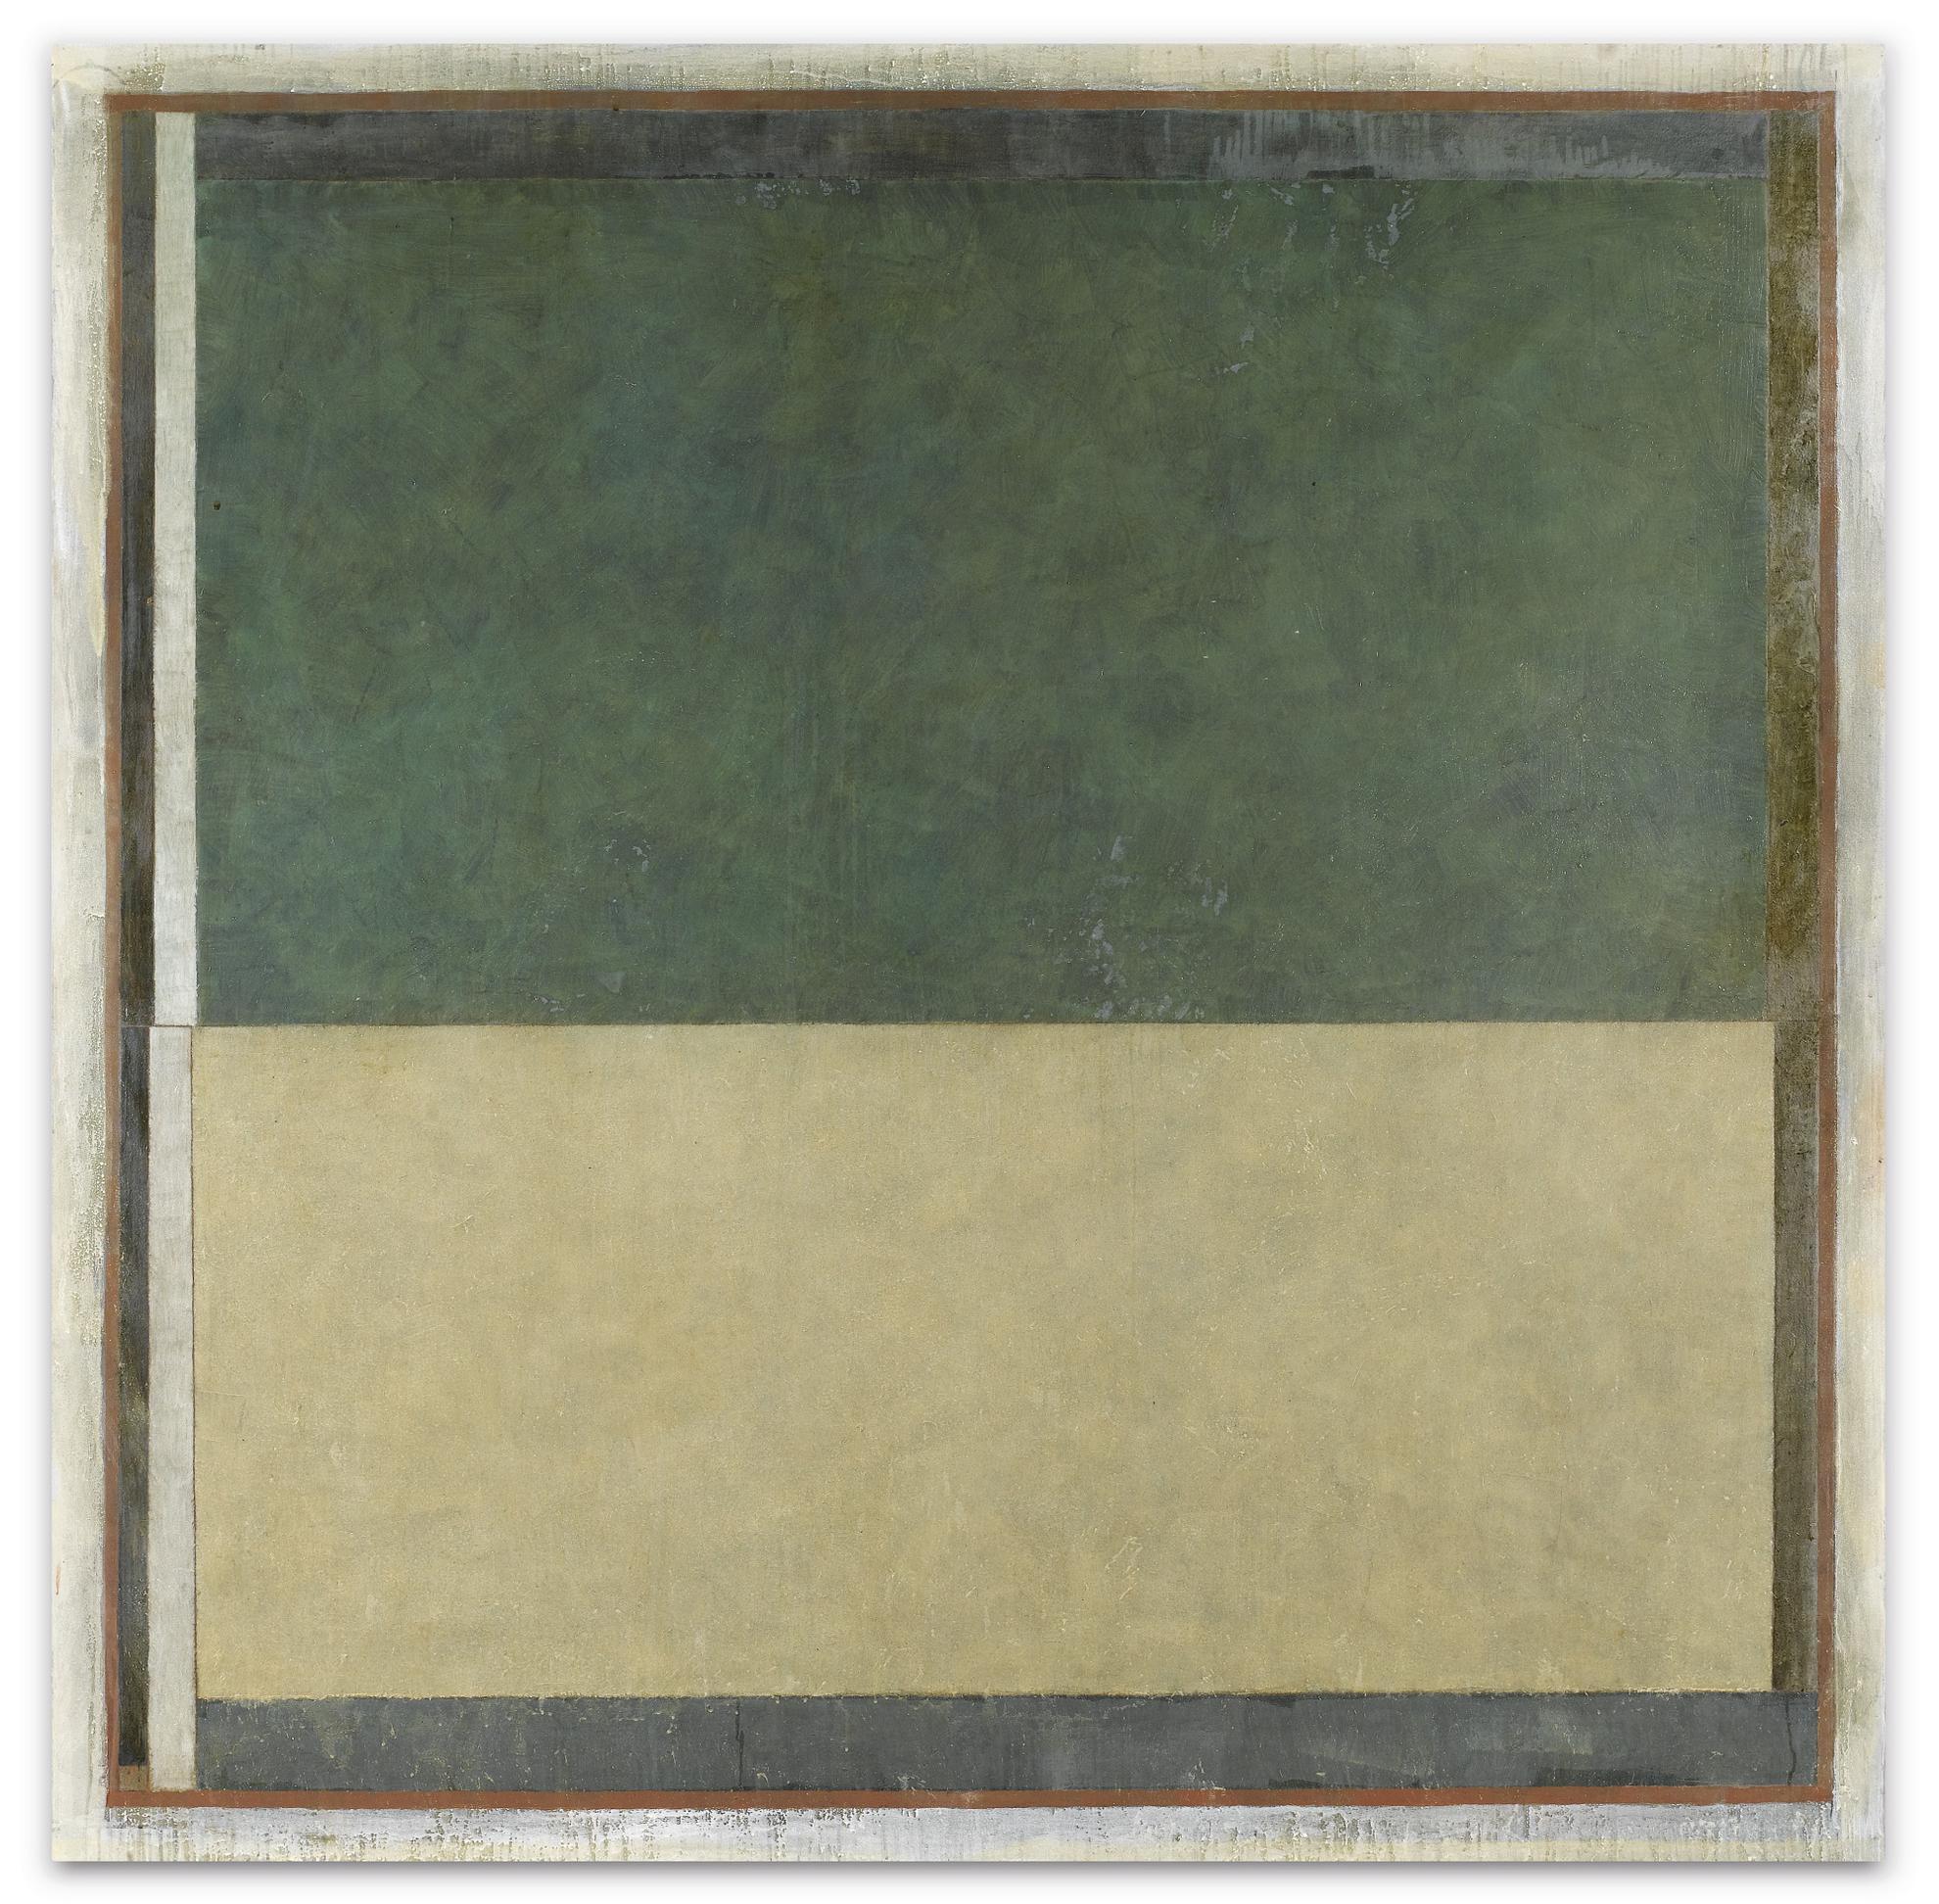 Jean-Pierre Pincemin-Untitled-1984